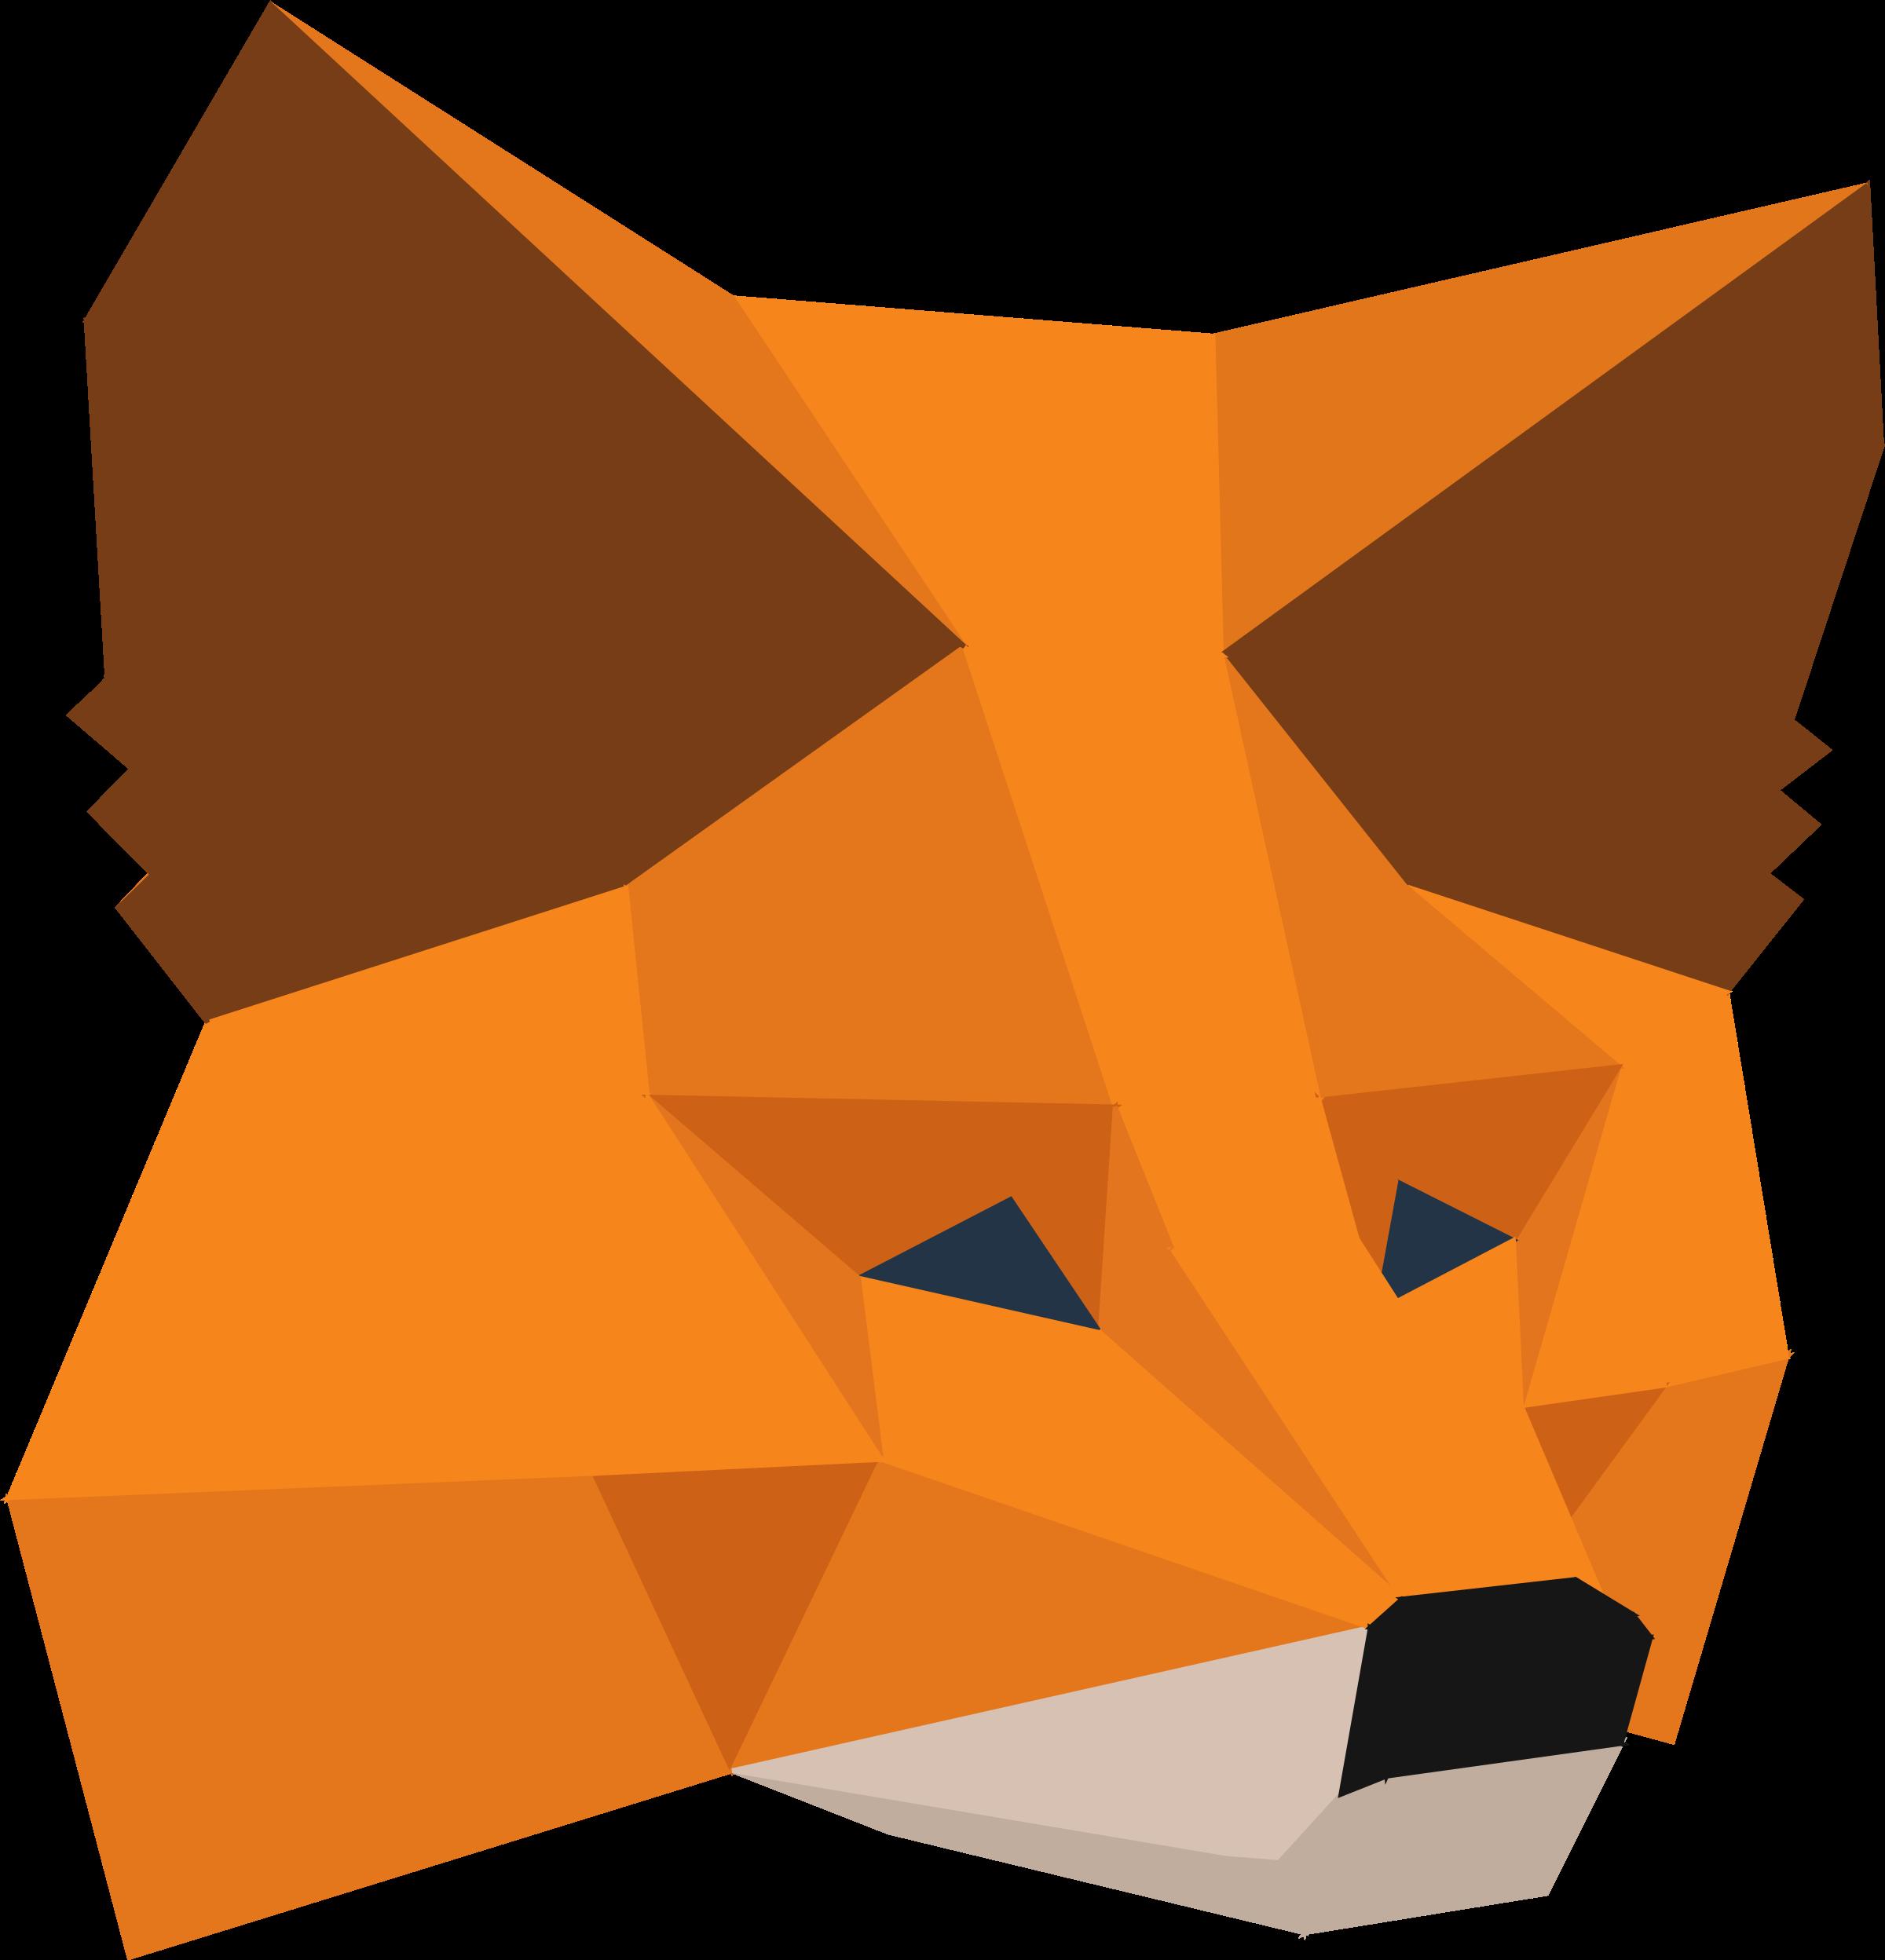 metamask-png-transparent-logo